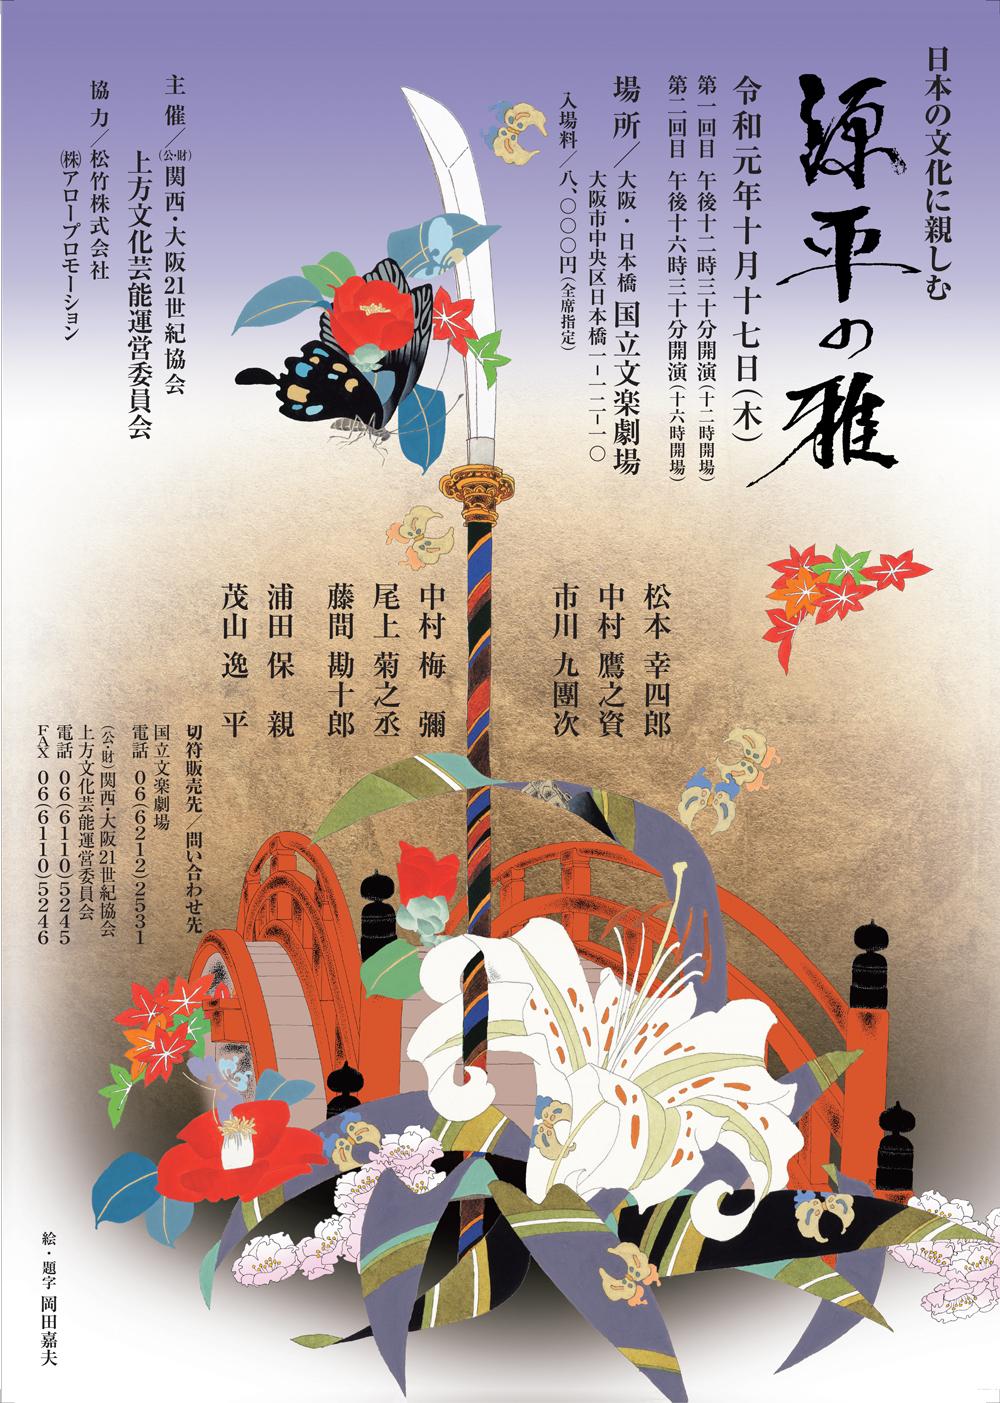 幸四郎、鷹之資、九團次出演「源平の雅」のお知らせ